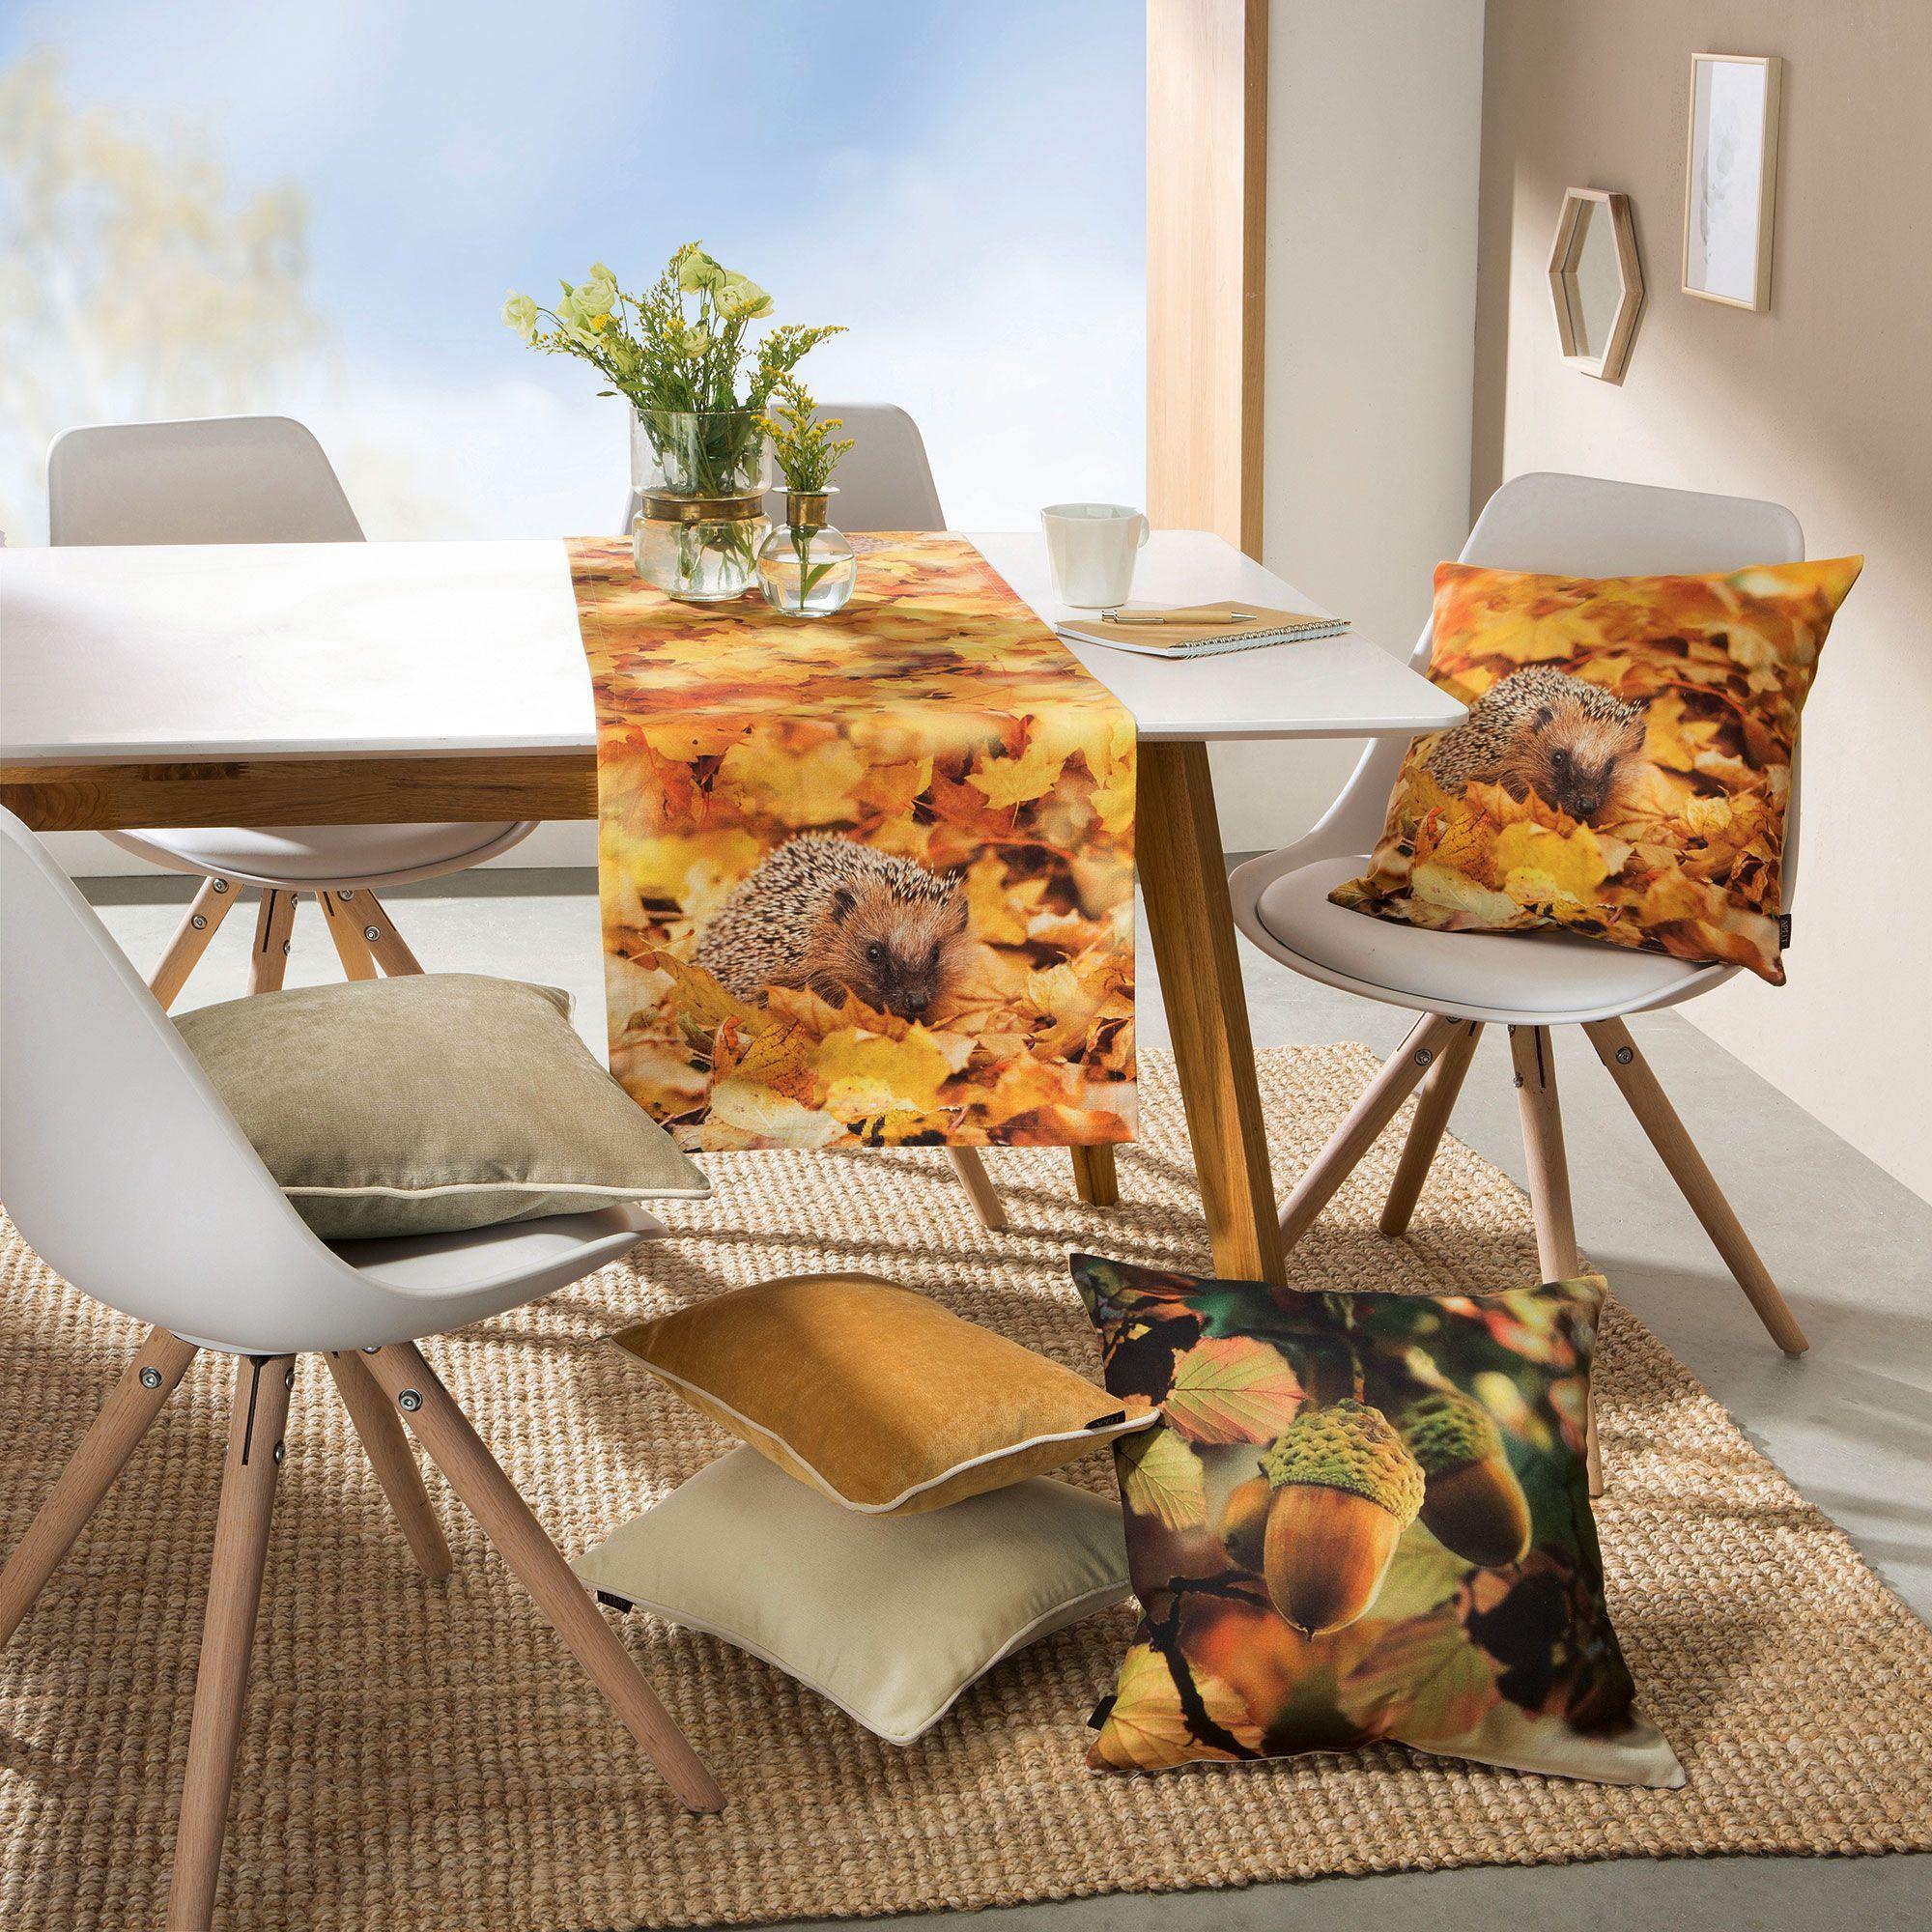 Ein herbstlich gedeckter Tisch ist in den nächsten Monaten angesagt.  #erwinmüller #Tischdeko #Herbstdeko #gedecktertisch Ein herbstlich gedeckter Tisch ist in den nächsten Monaten angesagt.  #erwinmüller #Tischdeko #Herbstdeko #gedecktertisch Ein herbstlich gedeckter Tisch ist in den nächsten Monaten angesagt.  #erwinmüller #Tischdeko #Herbstdeko #gedecktertisch Ein herbstlich gedeckter Tisch ist in den nächsten Monaten angesagt.  #erwinmüller #Tischdeko #Herbstdeko #gedecktertisch Ein #gedecktertisch